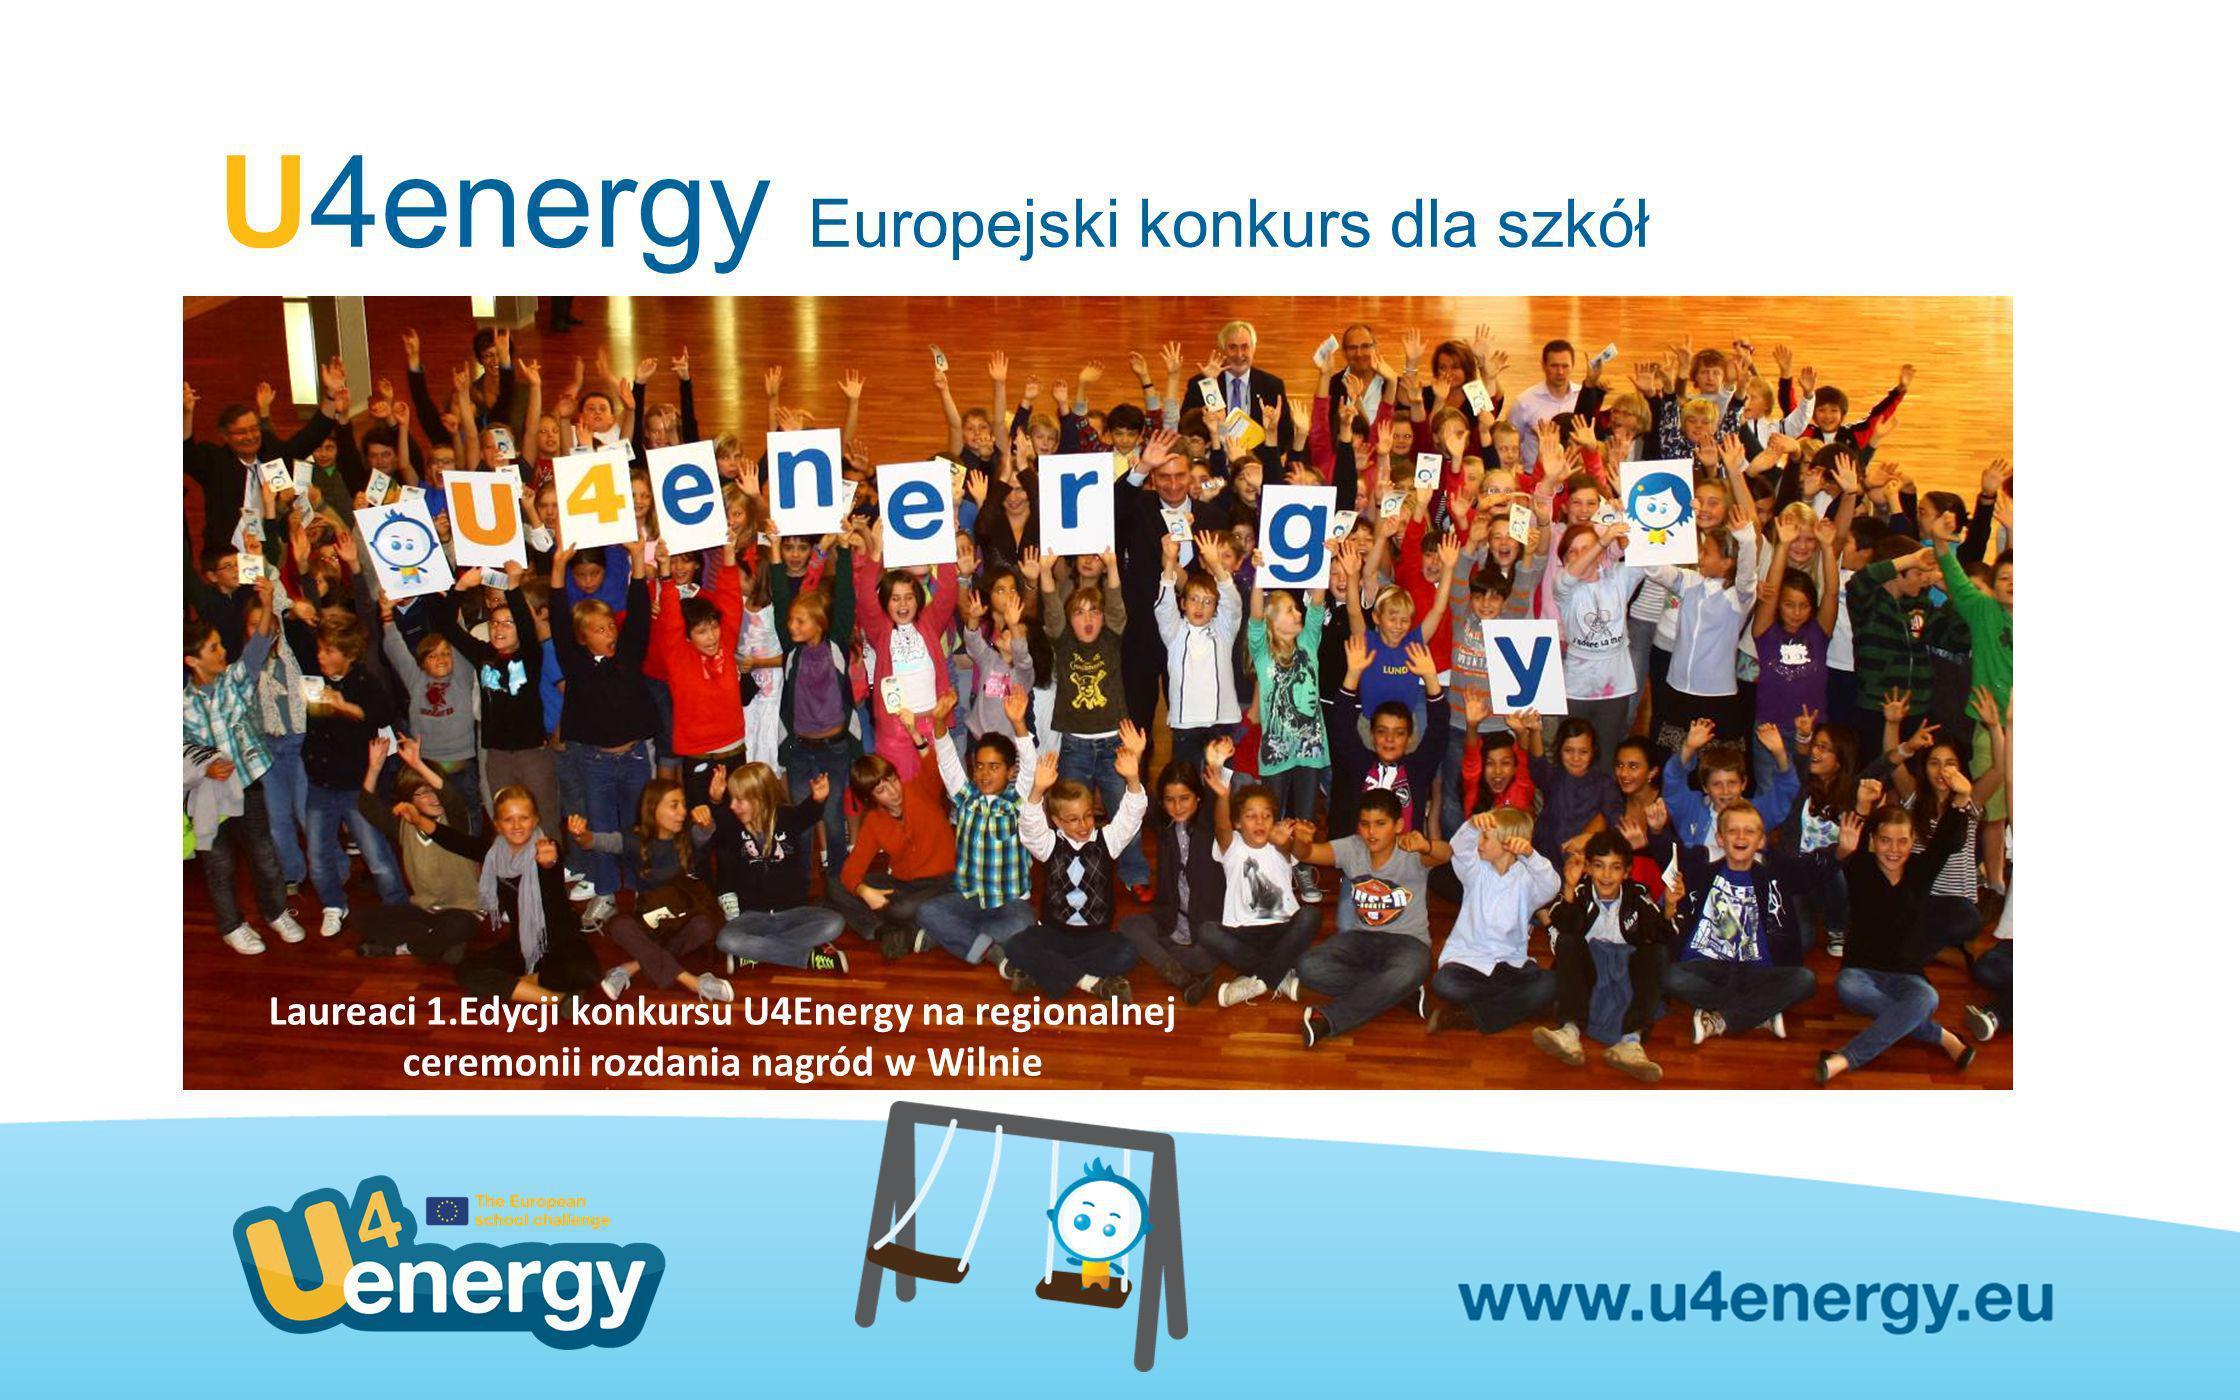 aunched in September 2010, aunched in September 2010, U4energy Europejski konkurs dla szkół Laureaci 1.Edycji konkursu U4Energy na regionalnej ceremon